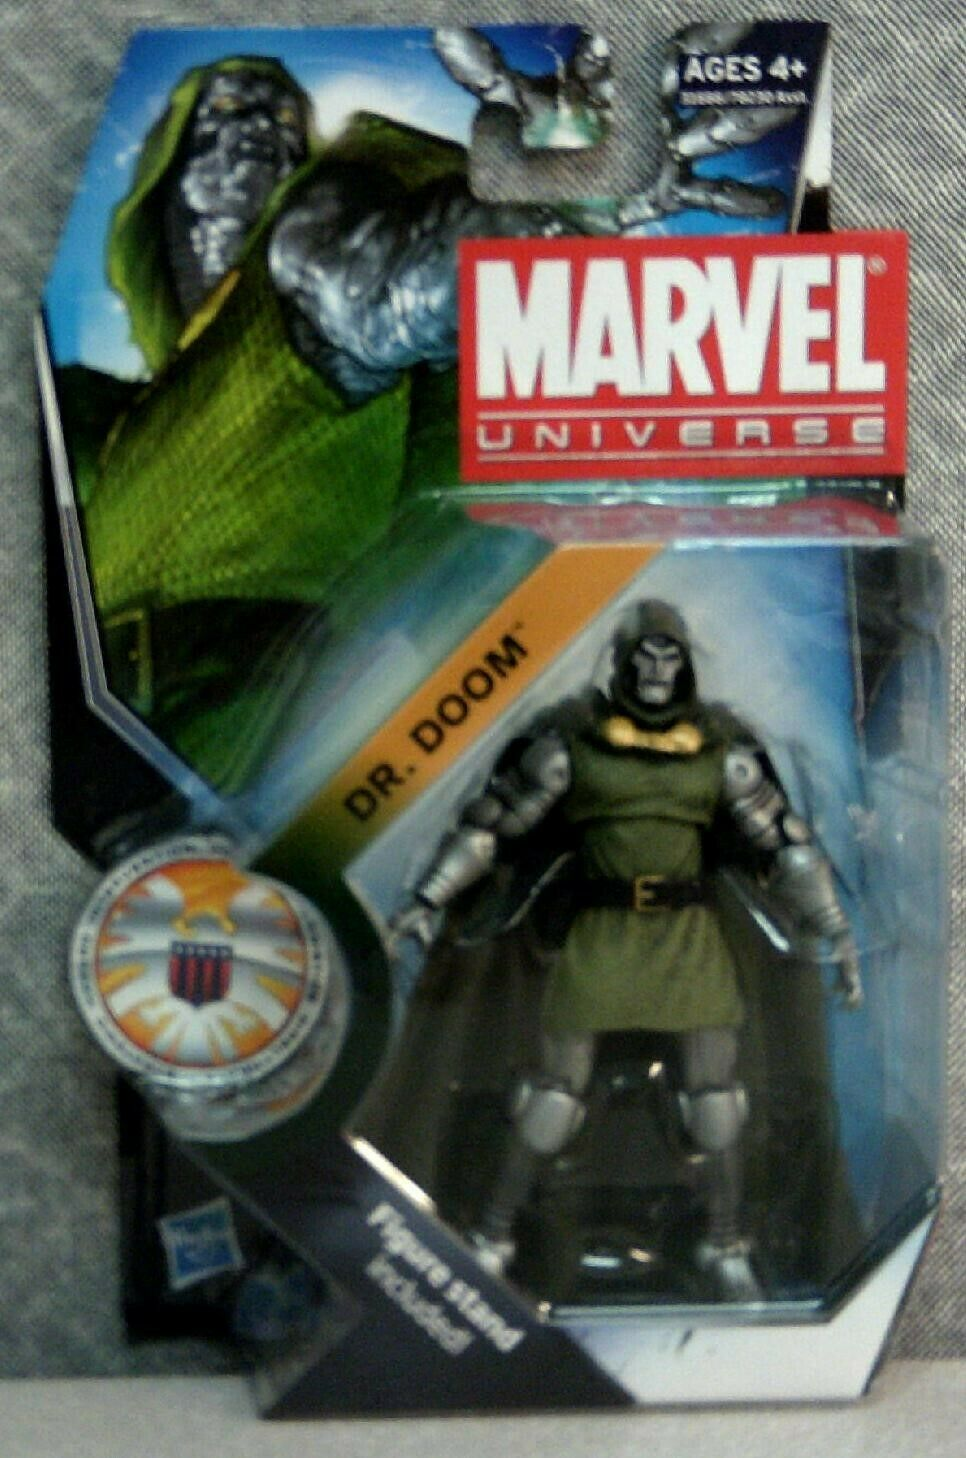 Marvel Universe 3.75 figure #15 Dr Doom complete